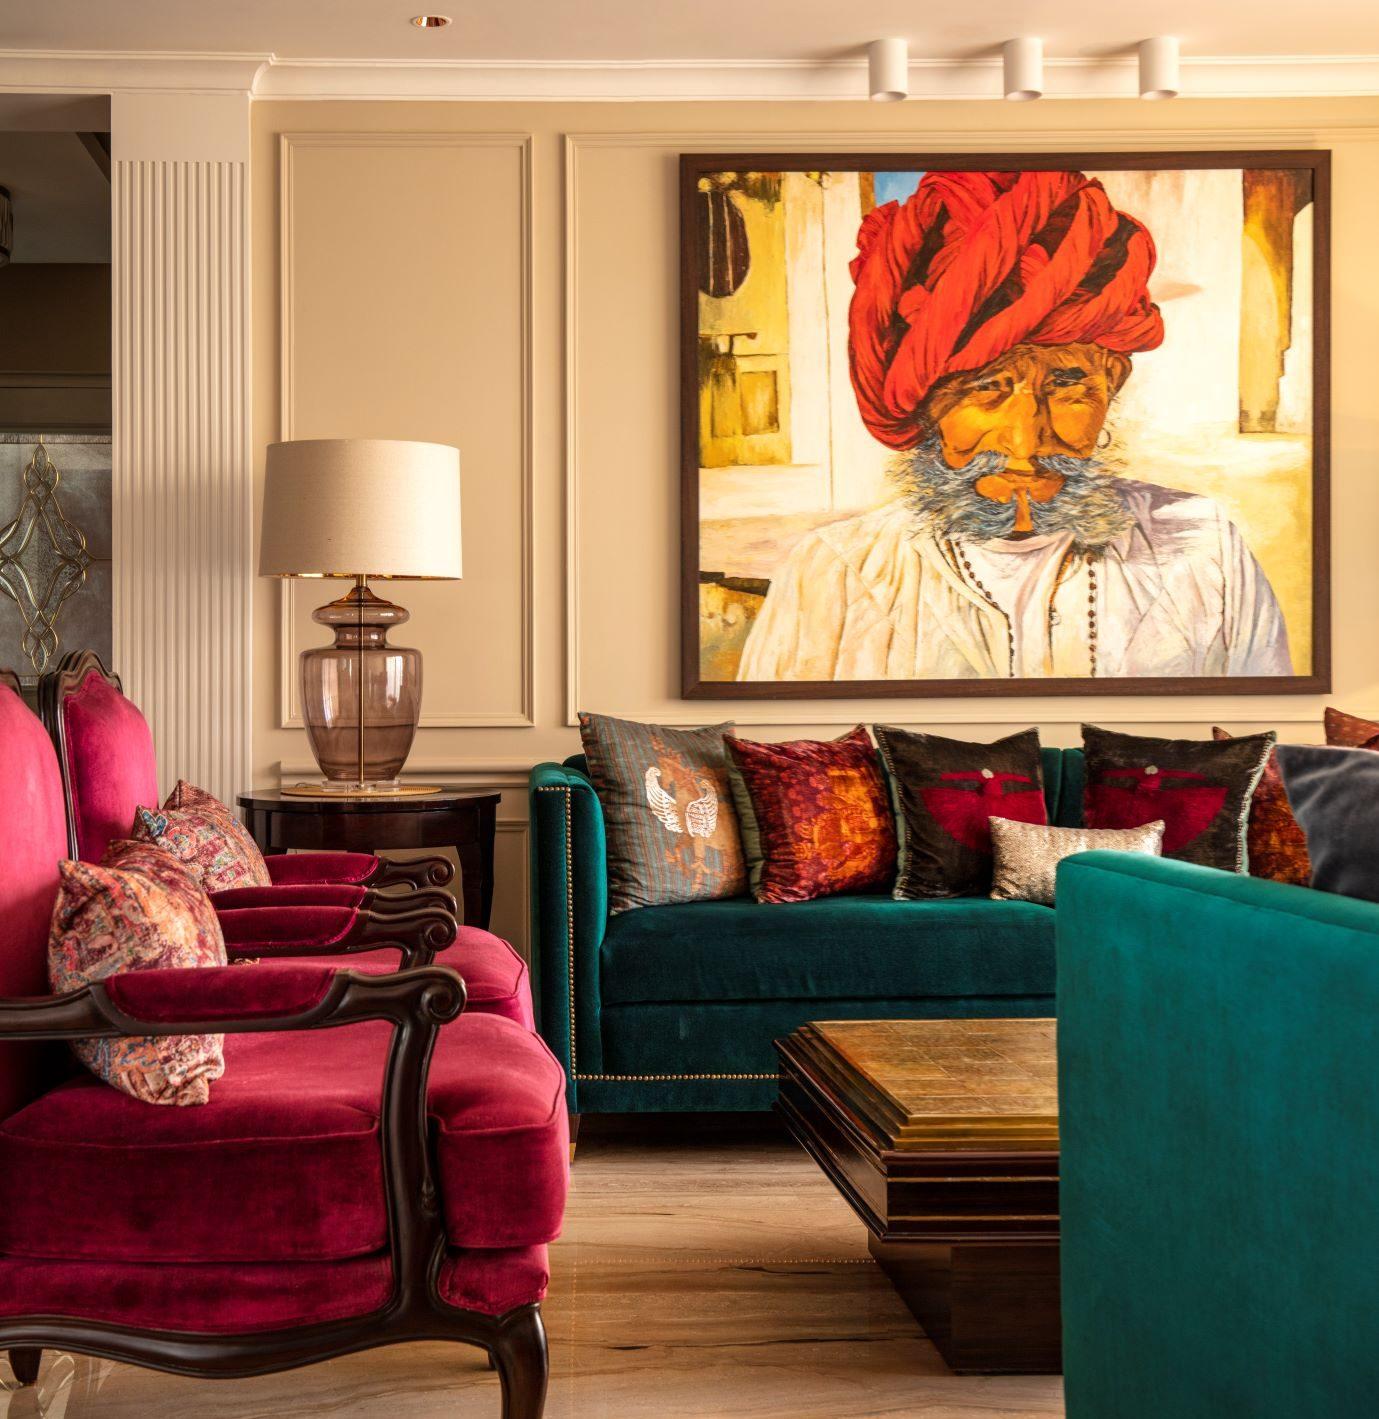 Contemporary Villas. Courtesy: RSDA